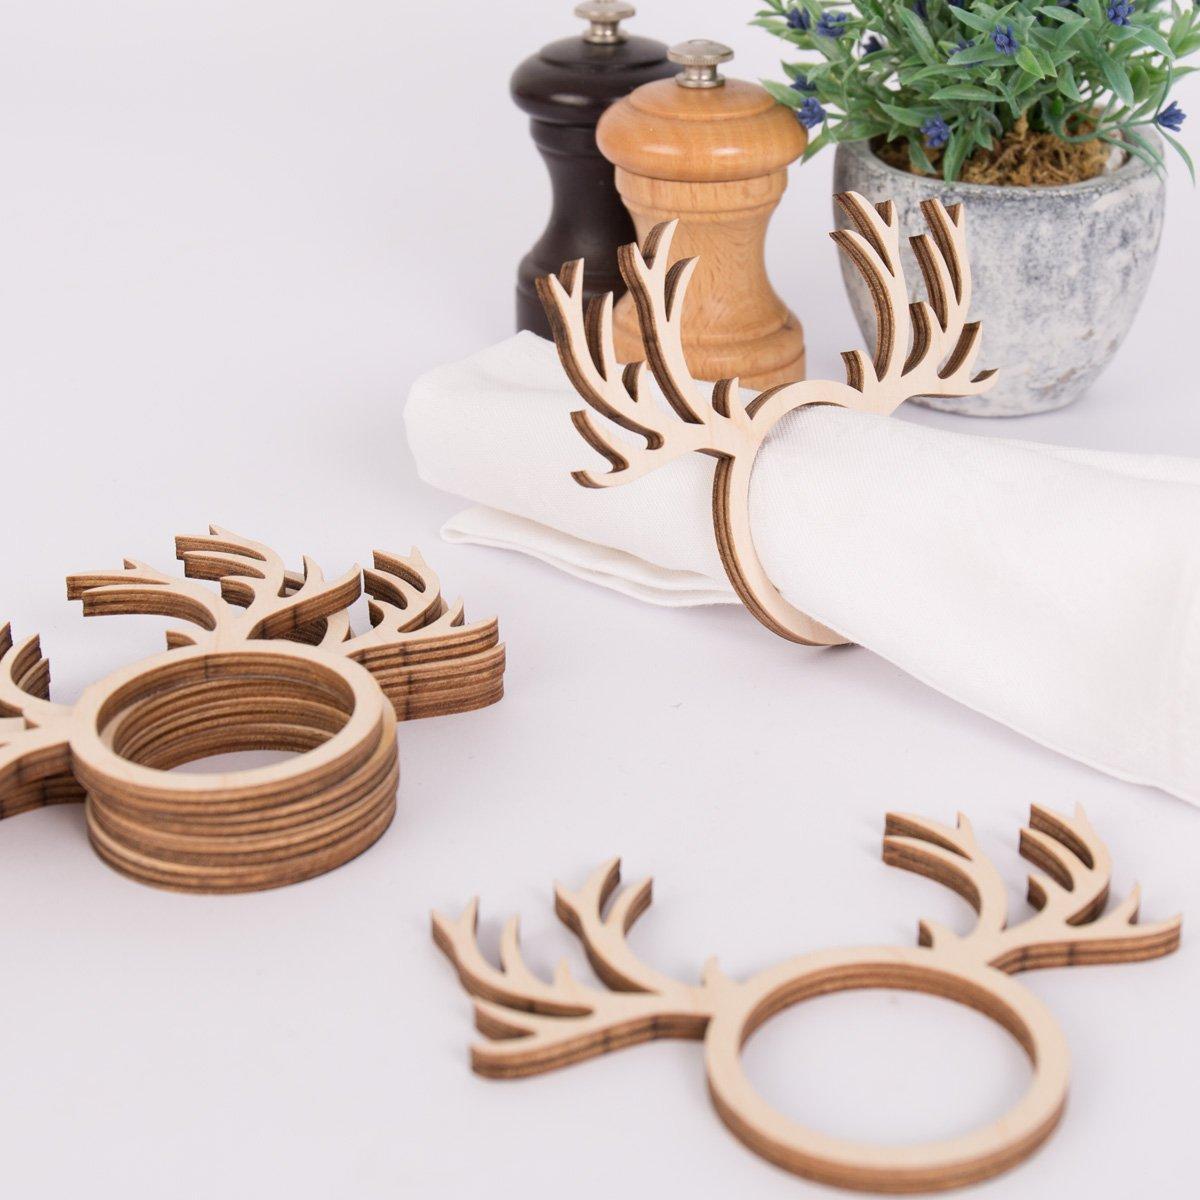 Dekorative Tischdeko aus Holz Kleinlaut Serviettenring 6er Set Motiv: Hirsch